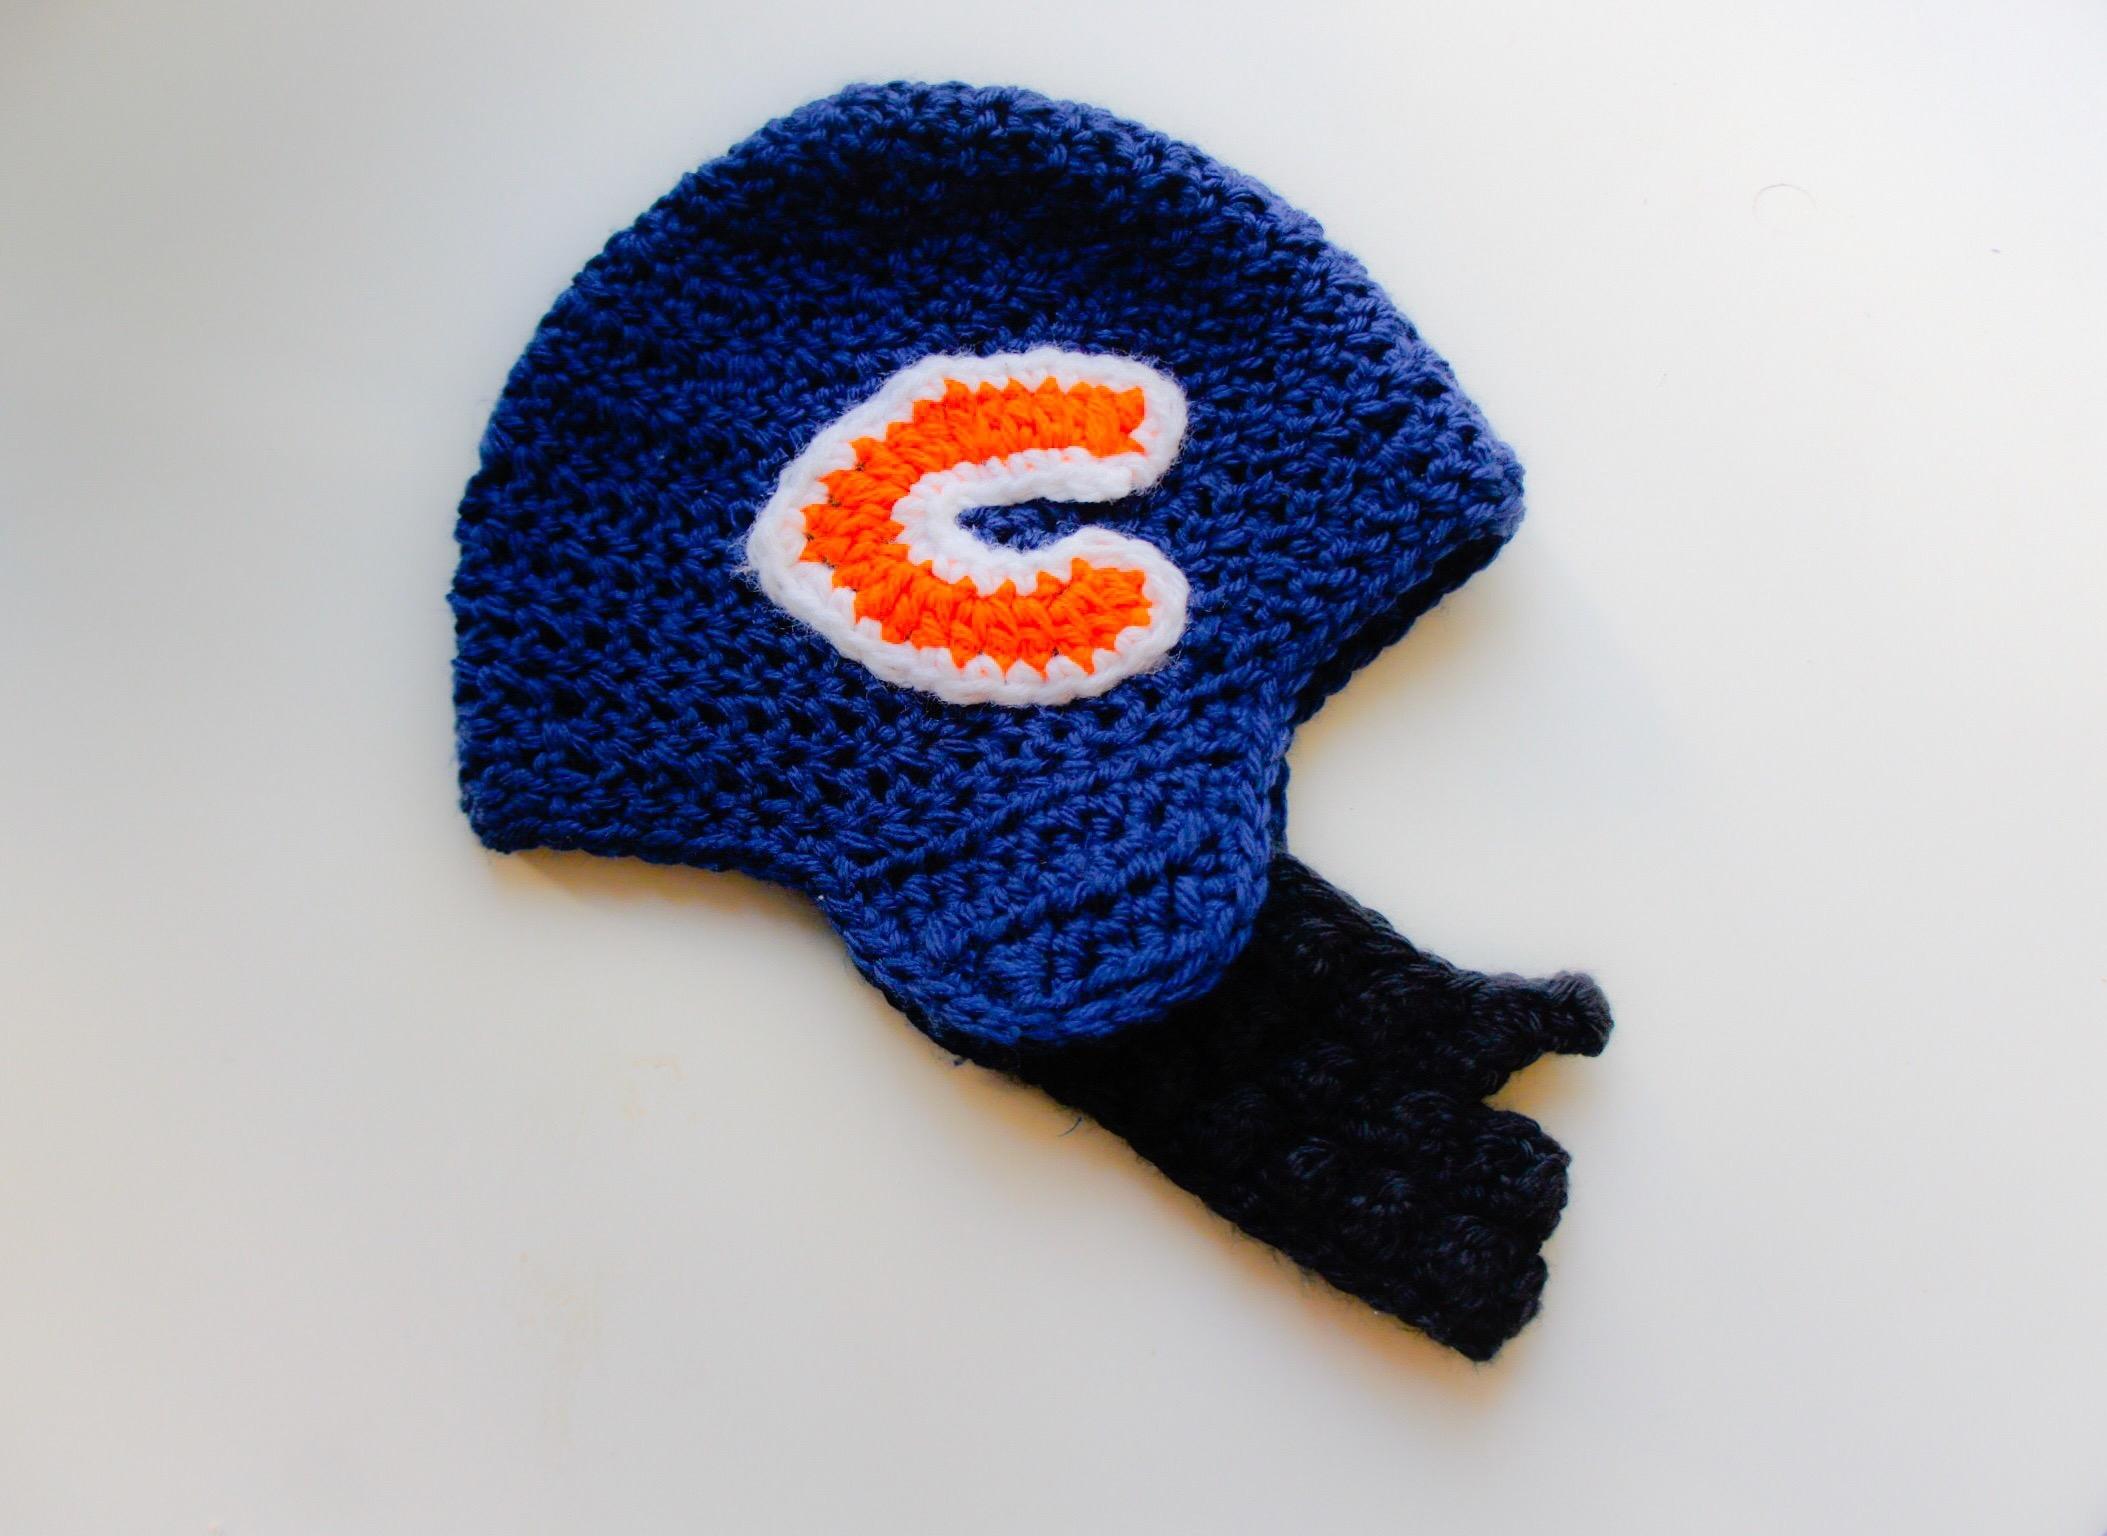 Free Crochet Pattern For Chicago Bears C : Crochet Football Bearded Helmet ? Chicago Bears ? Mama ...